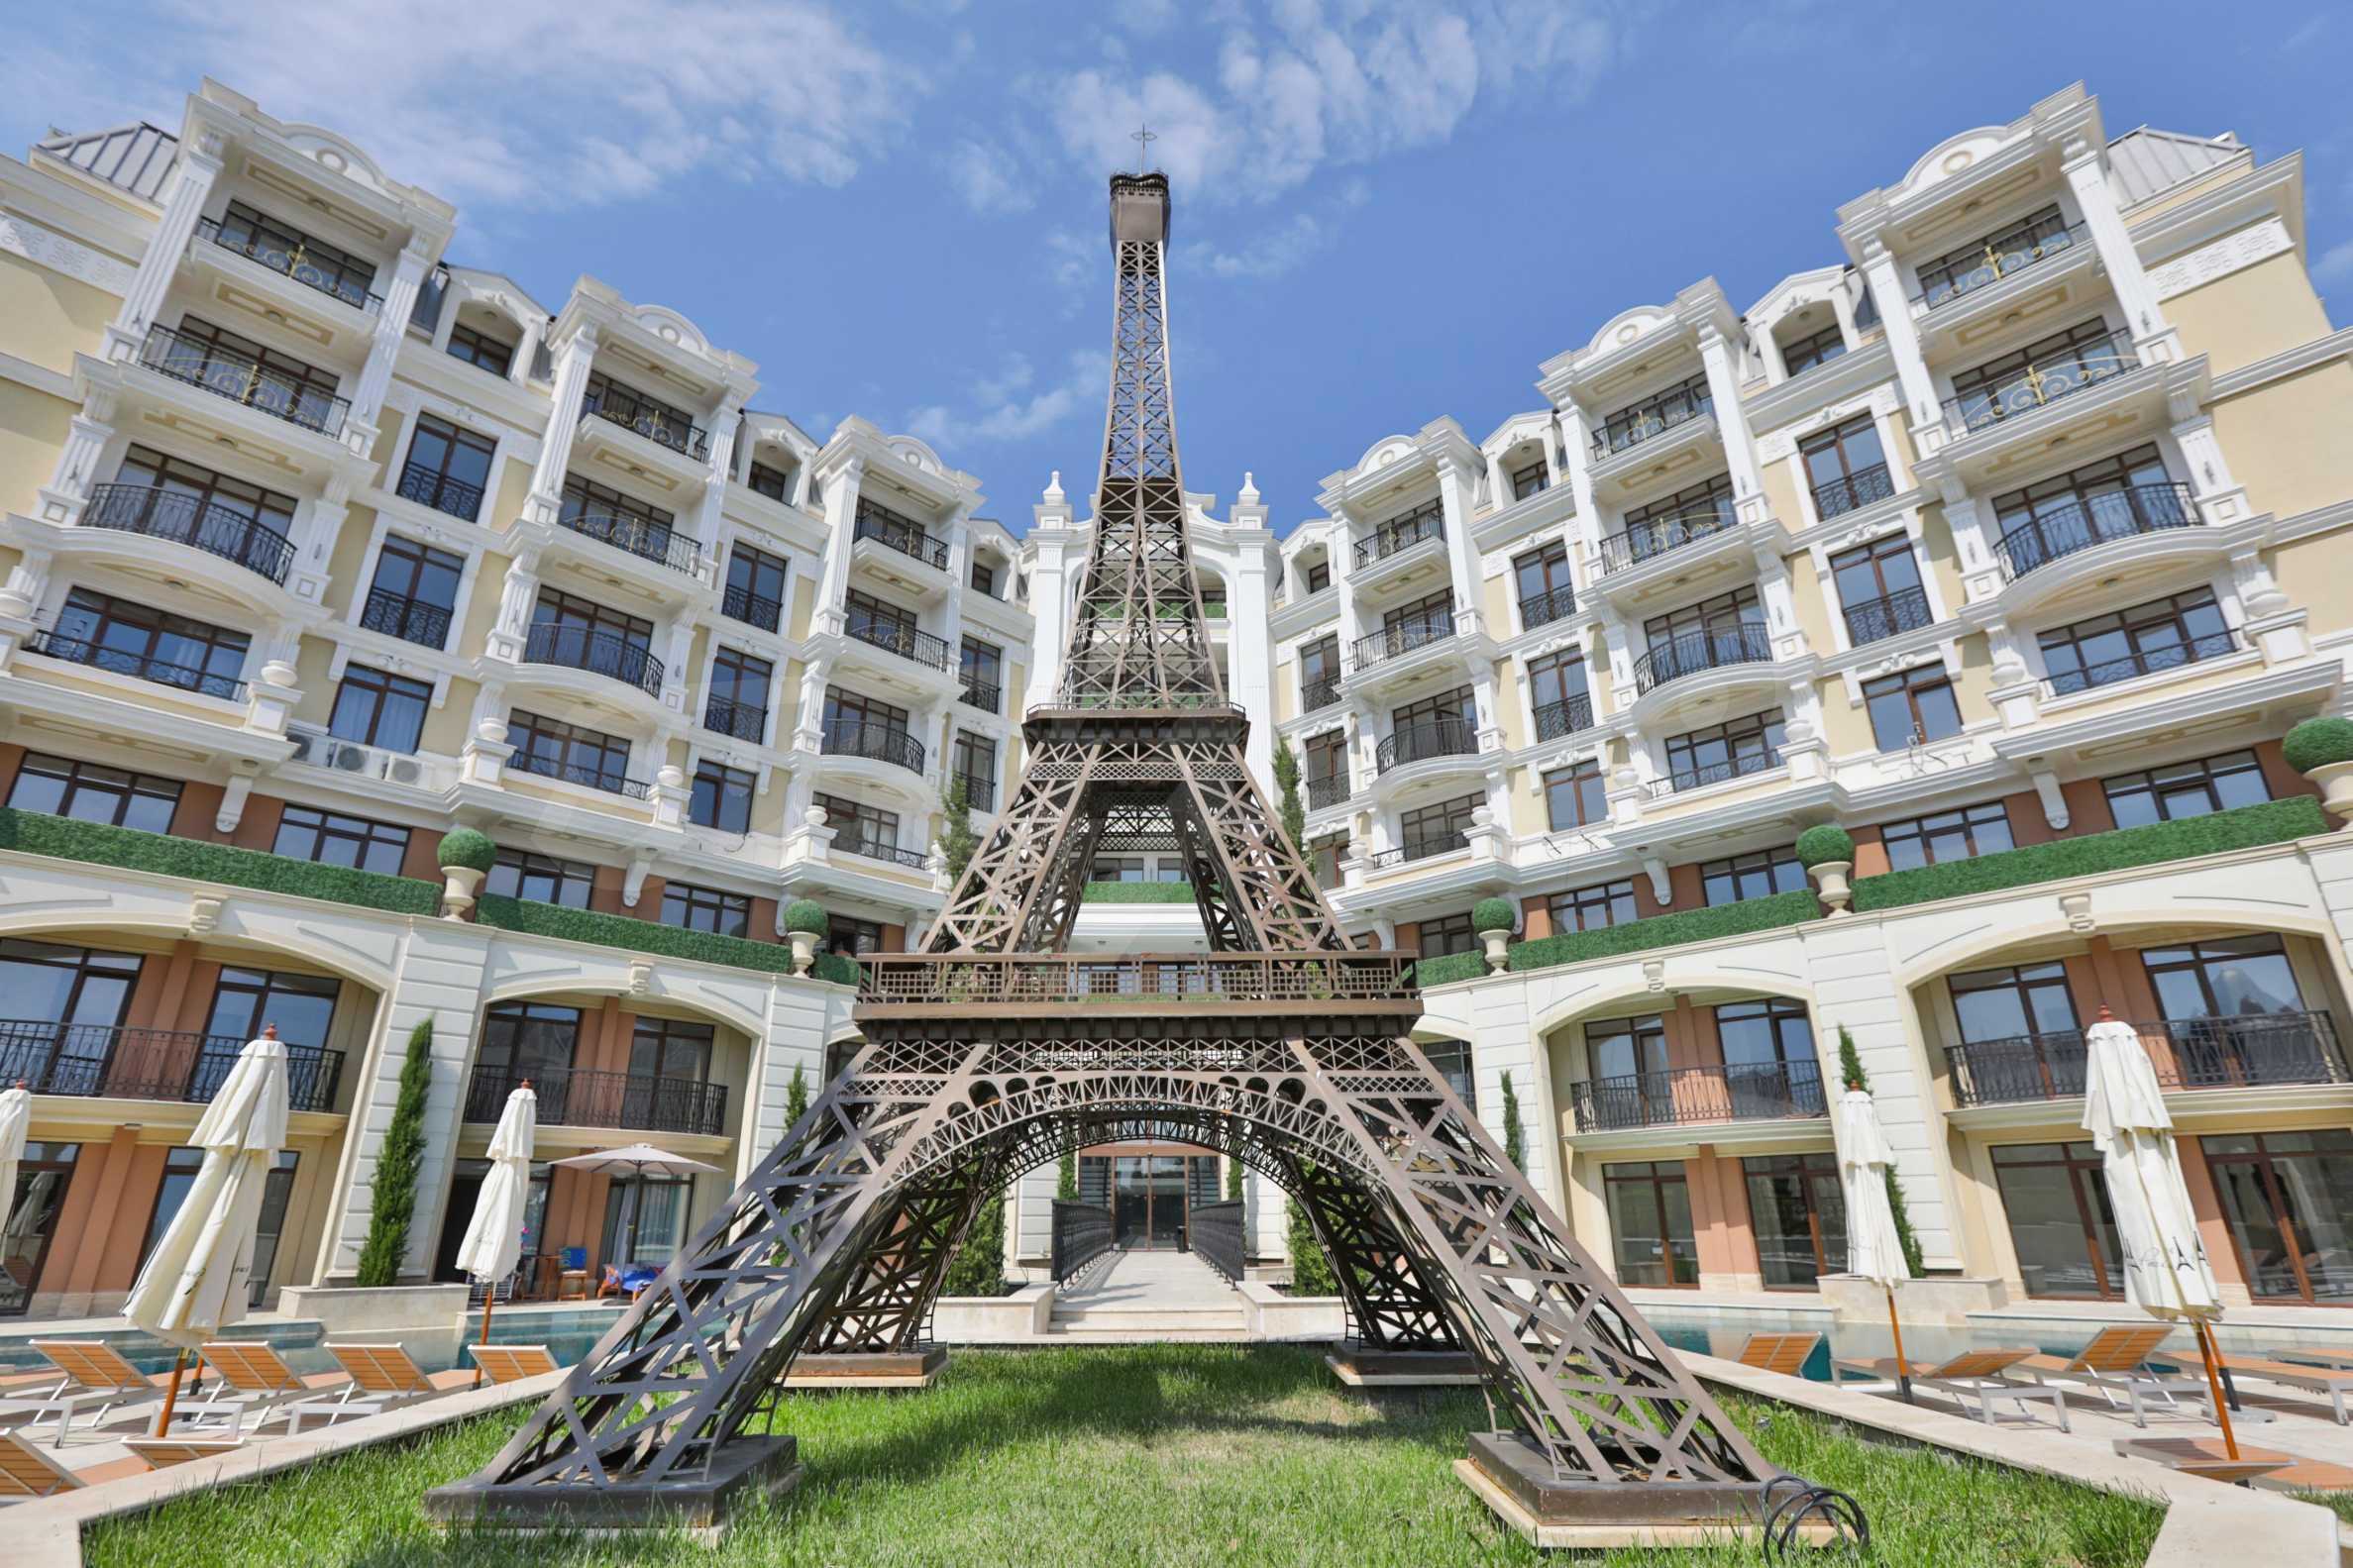 Erstklassige Apartments  zum TOP-Preis ab 890 €/m² im Komplex im Stil der französischen Renaissance (Akt 16) 16